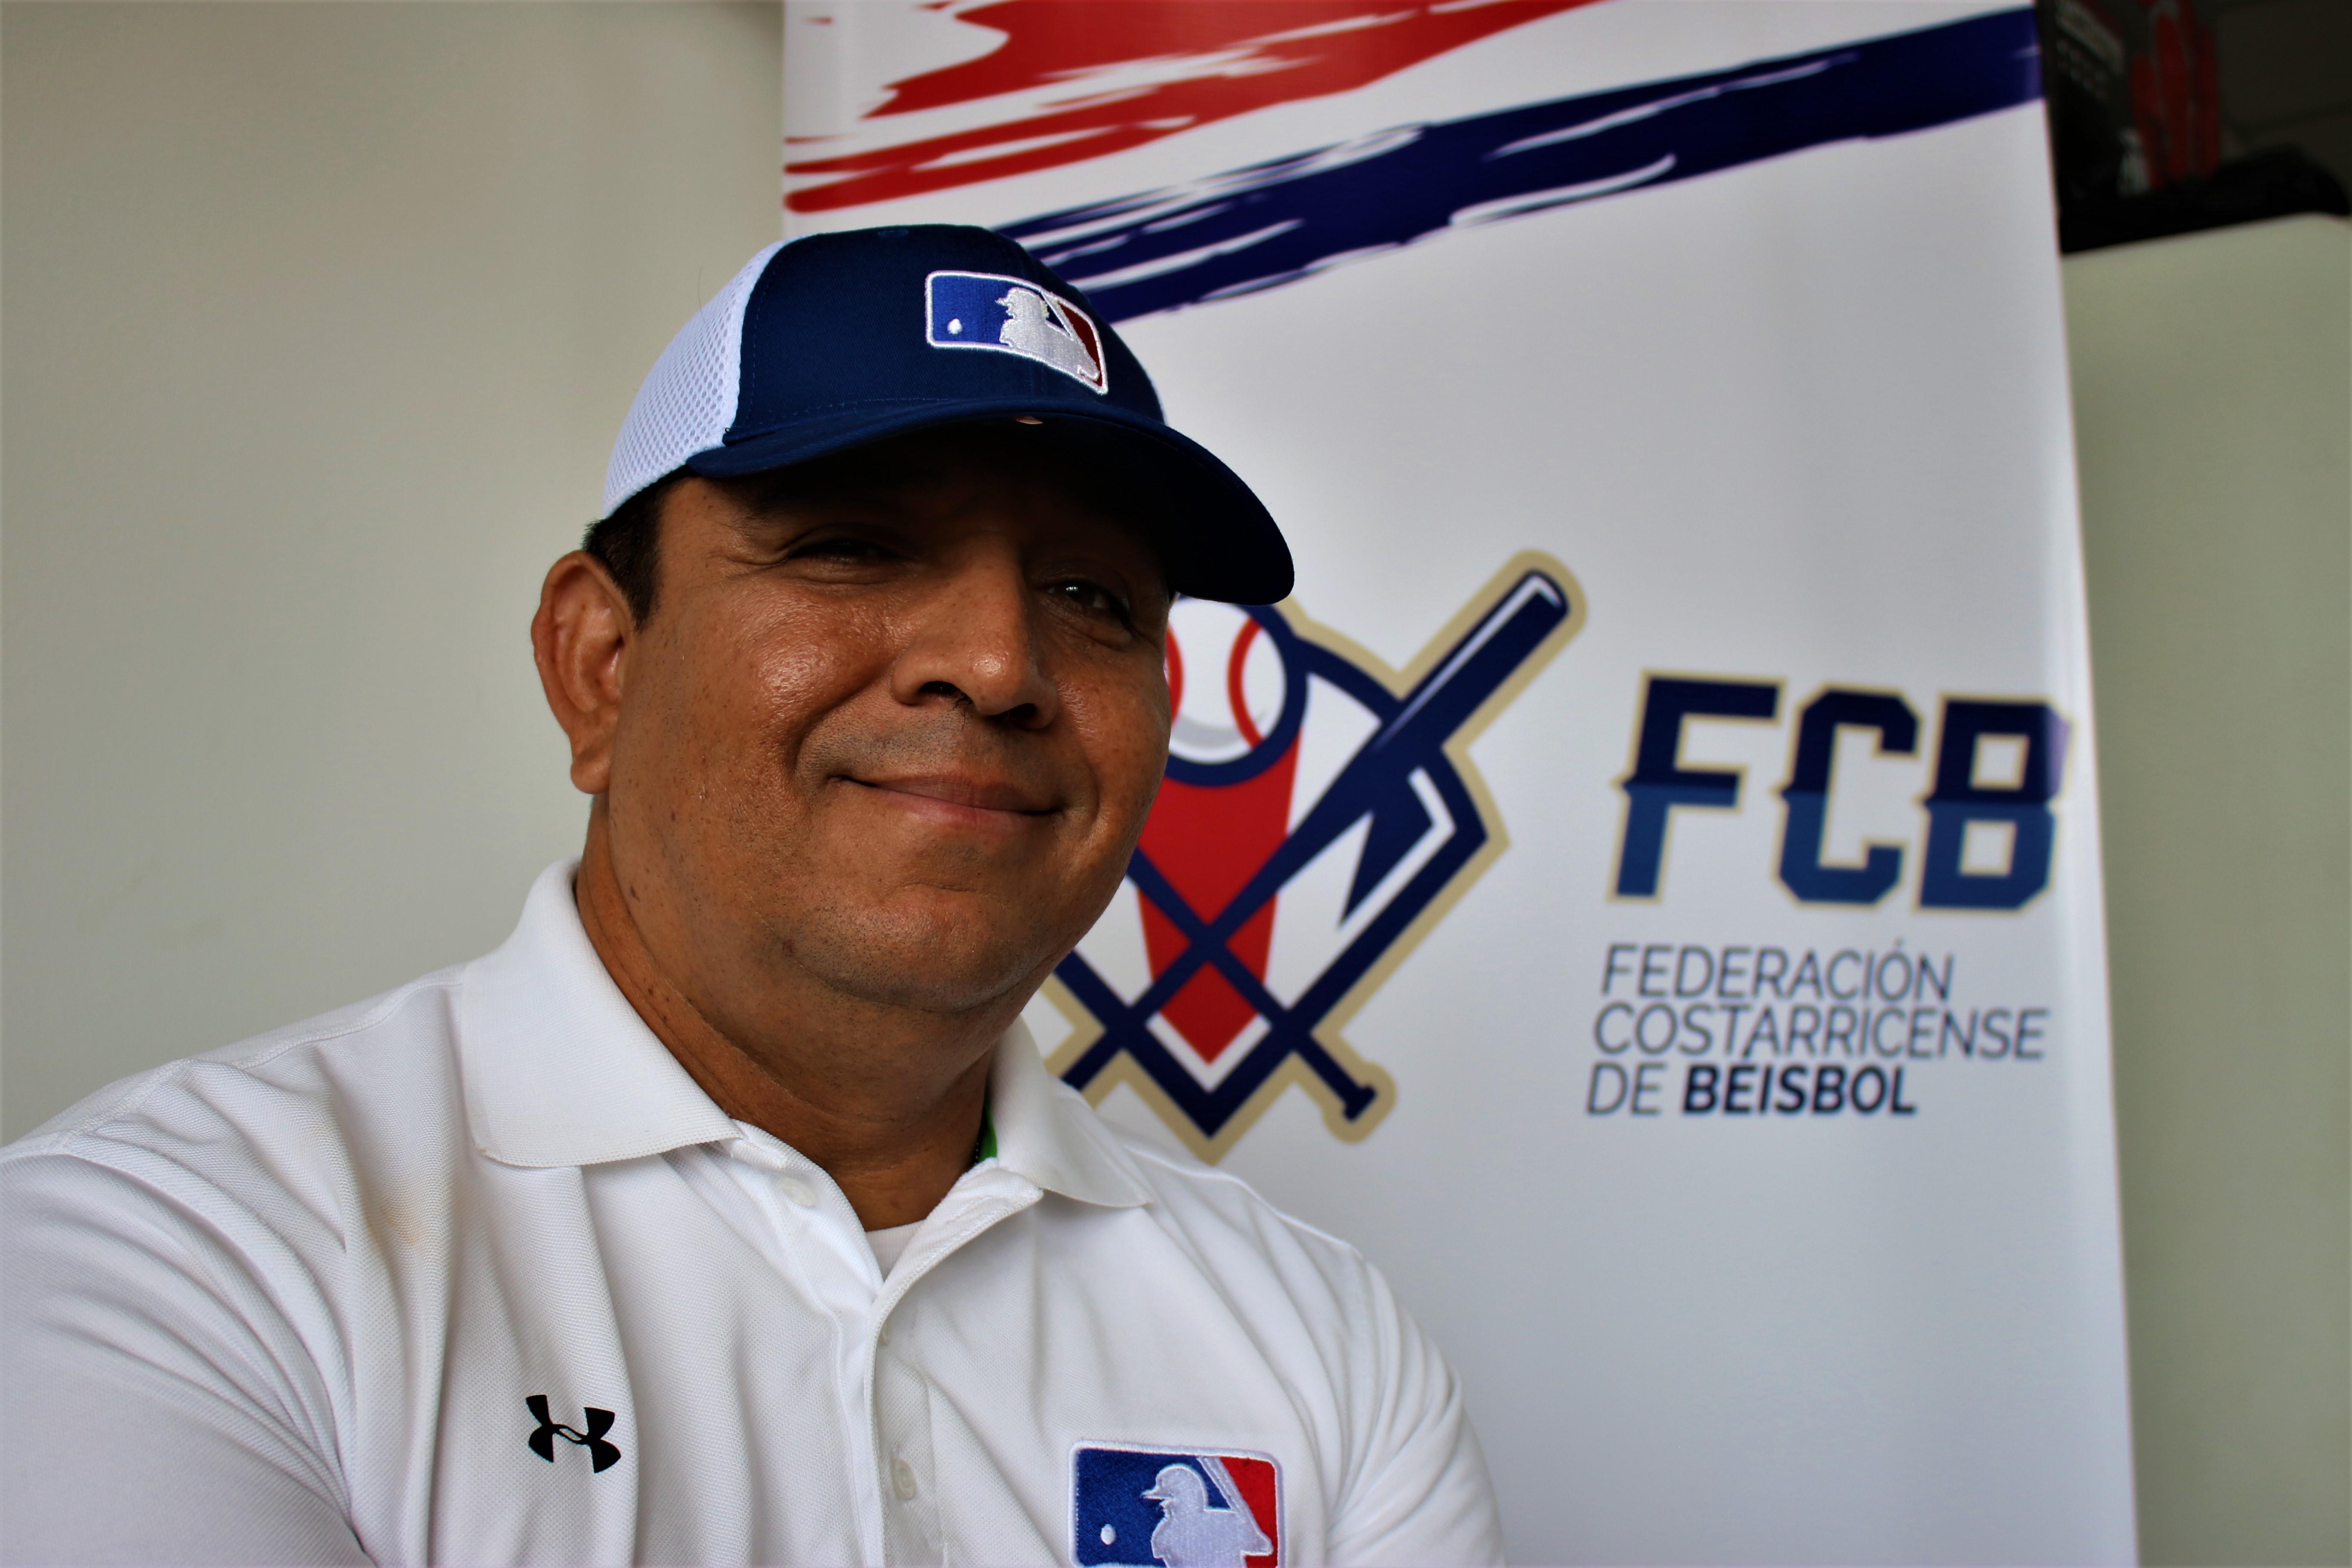 MLB pone su mirada en Costa Rica para el desarrollo de nuevos talentos